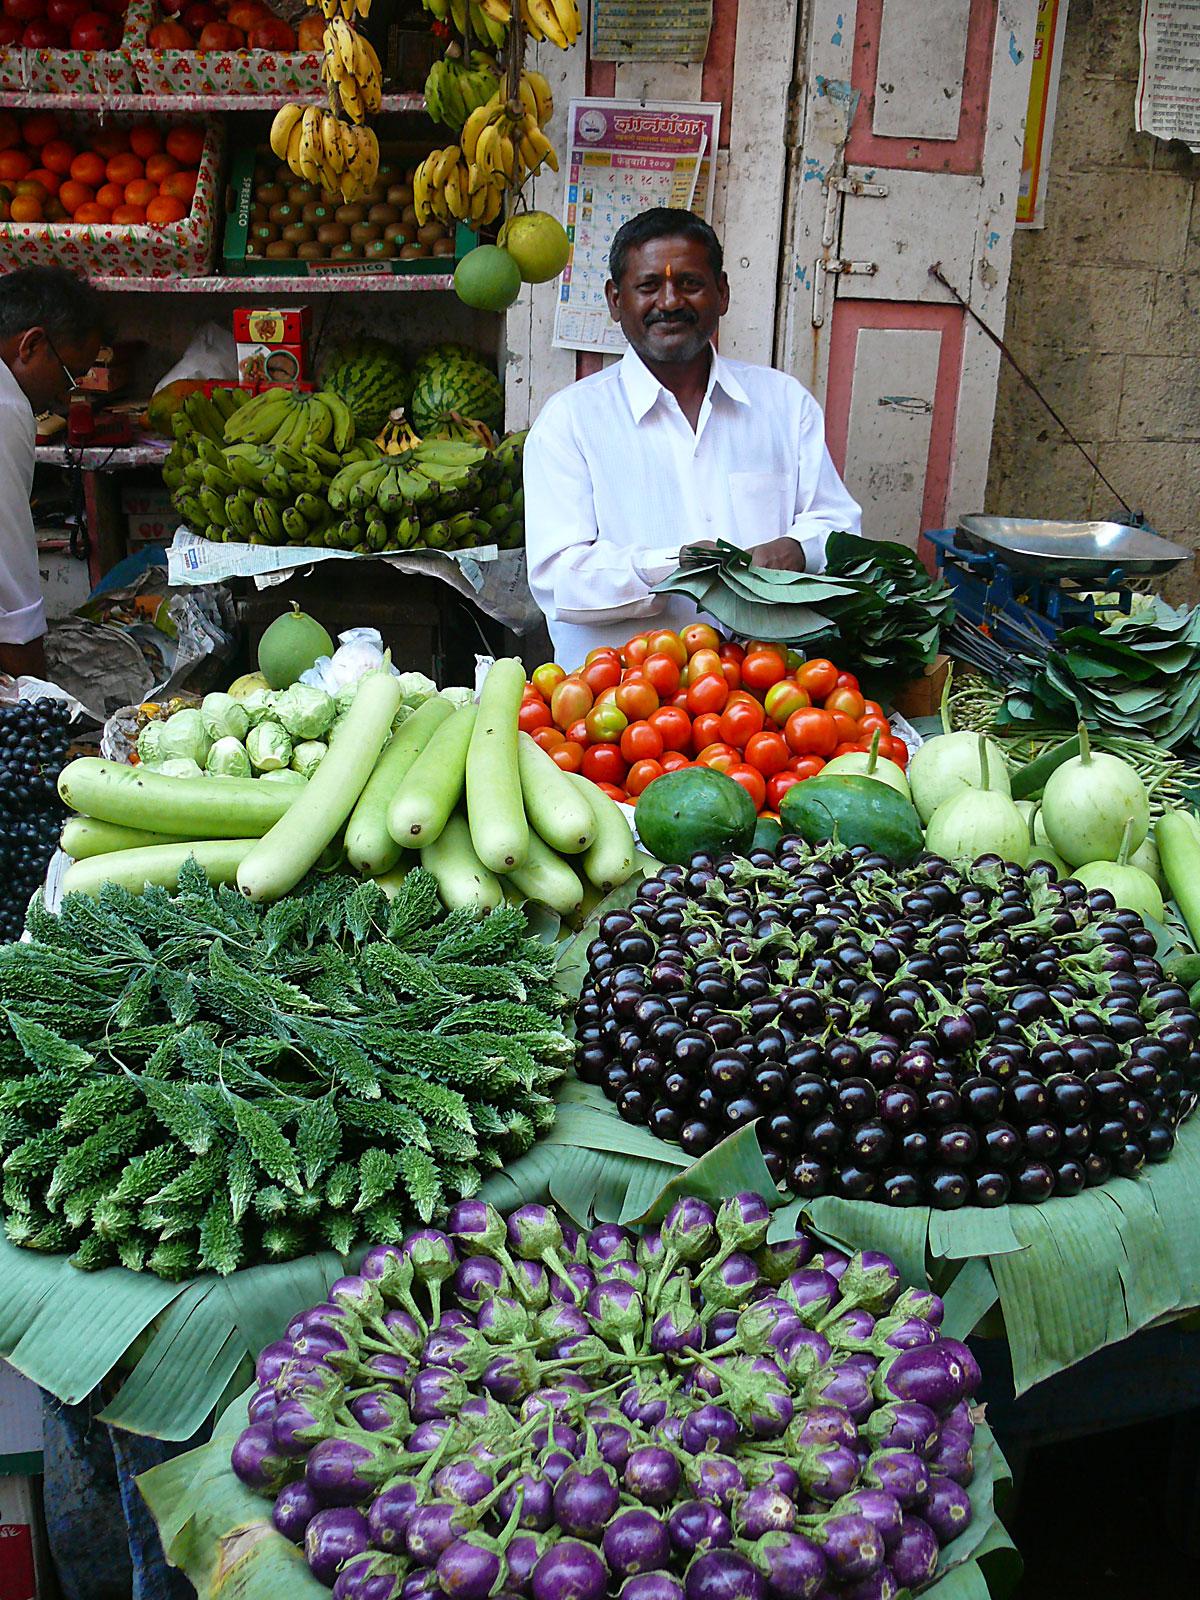 INDIEN MUMBAI Menschen Wohnen FINEST-onTour P1030465.jpg